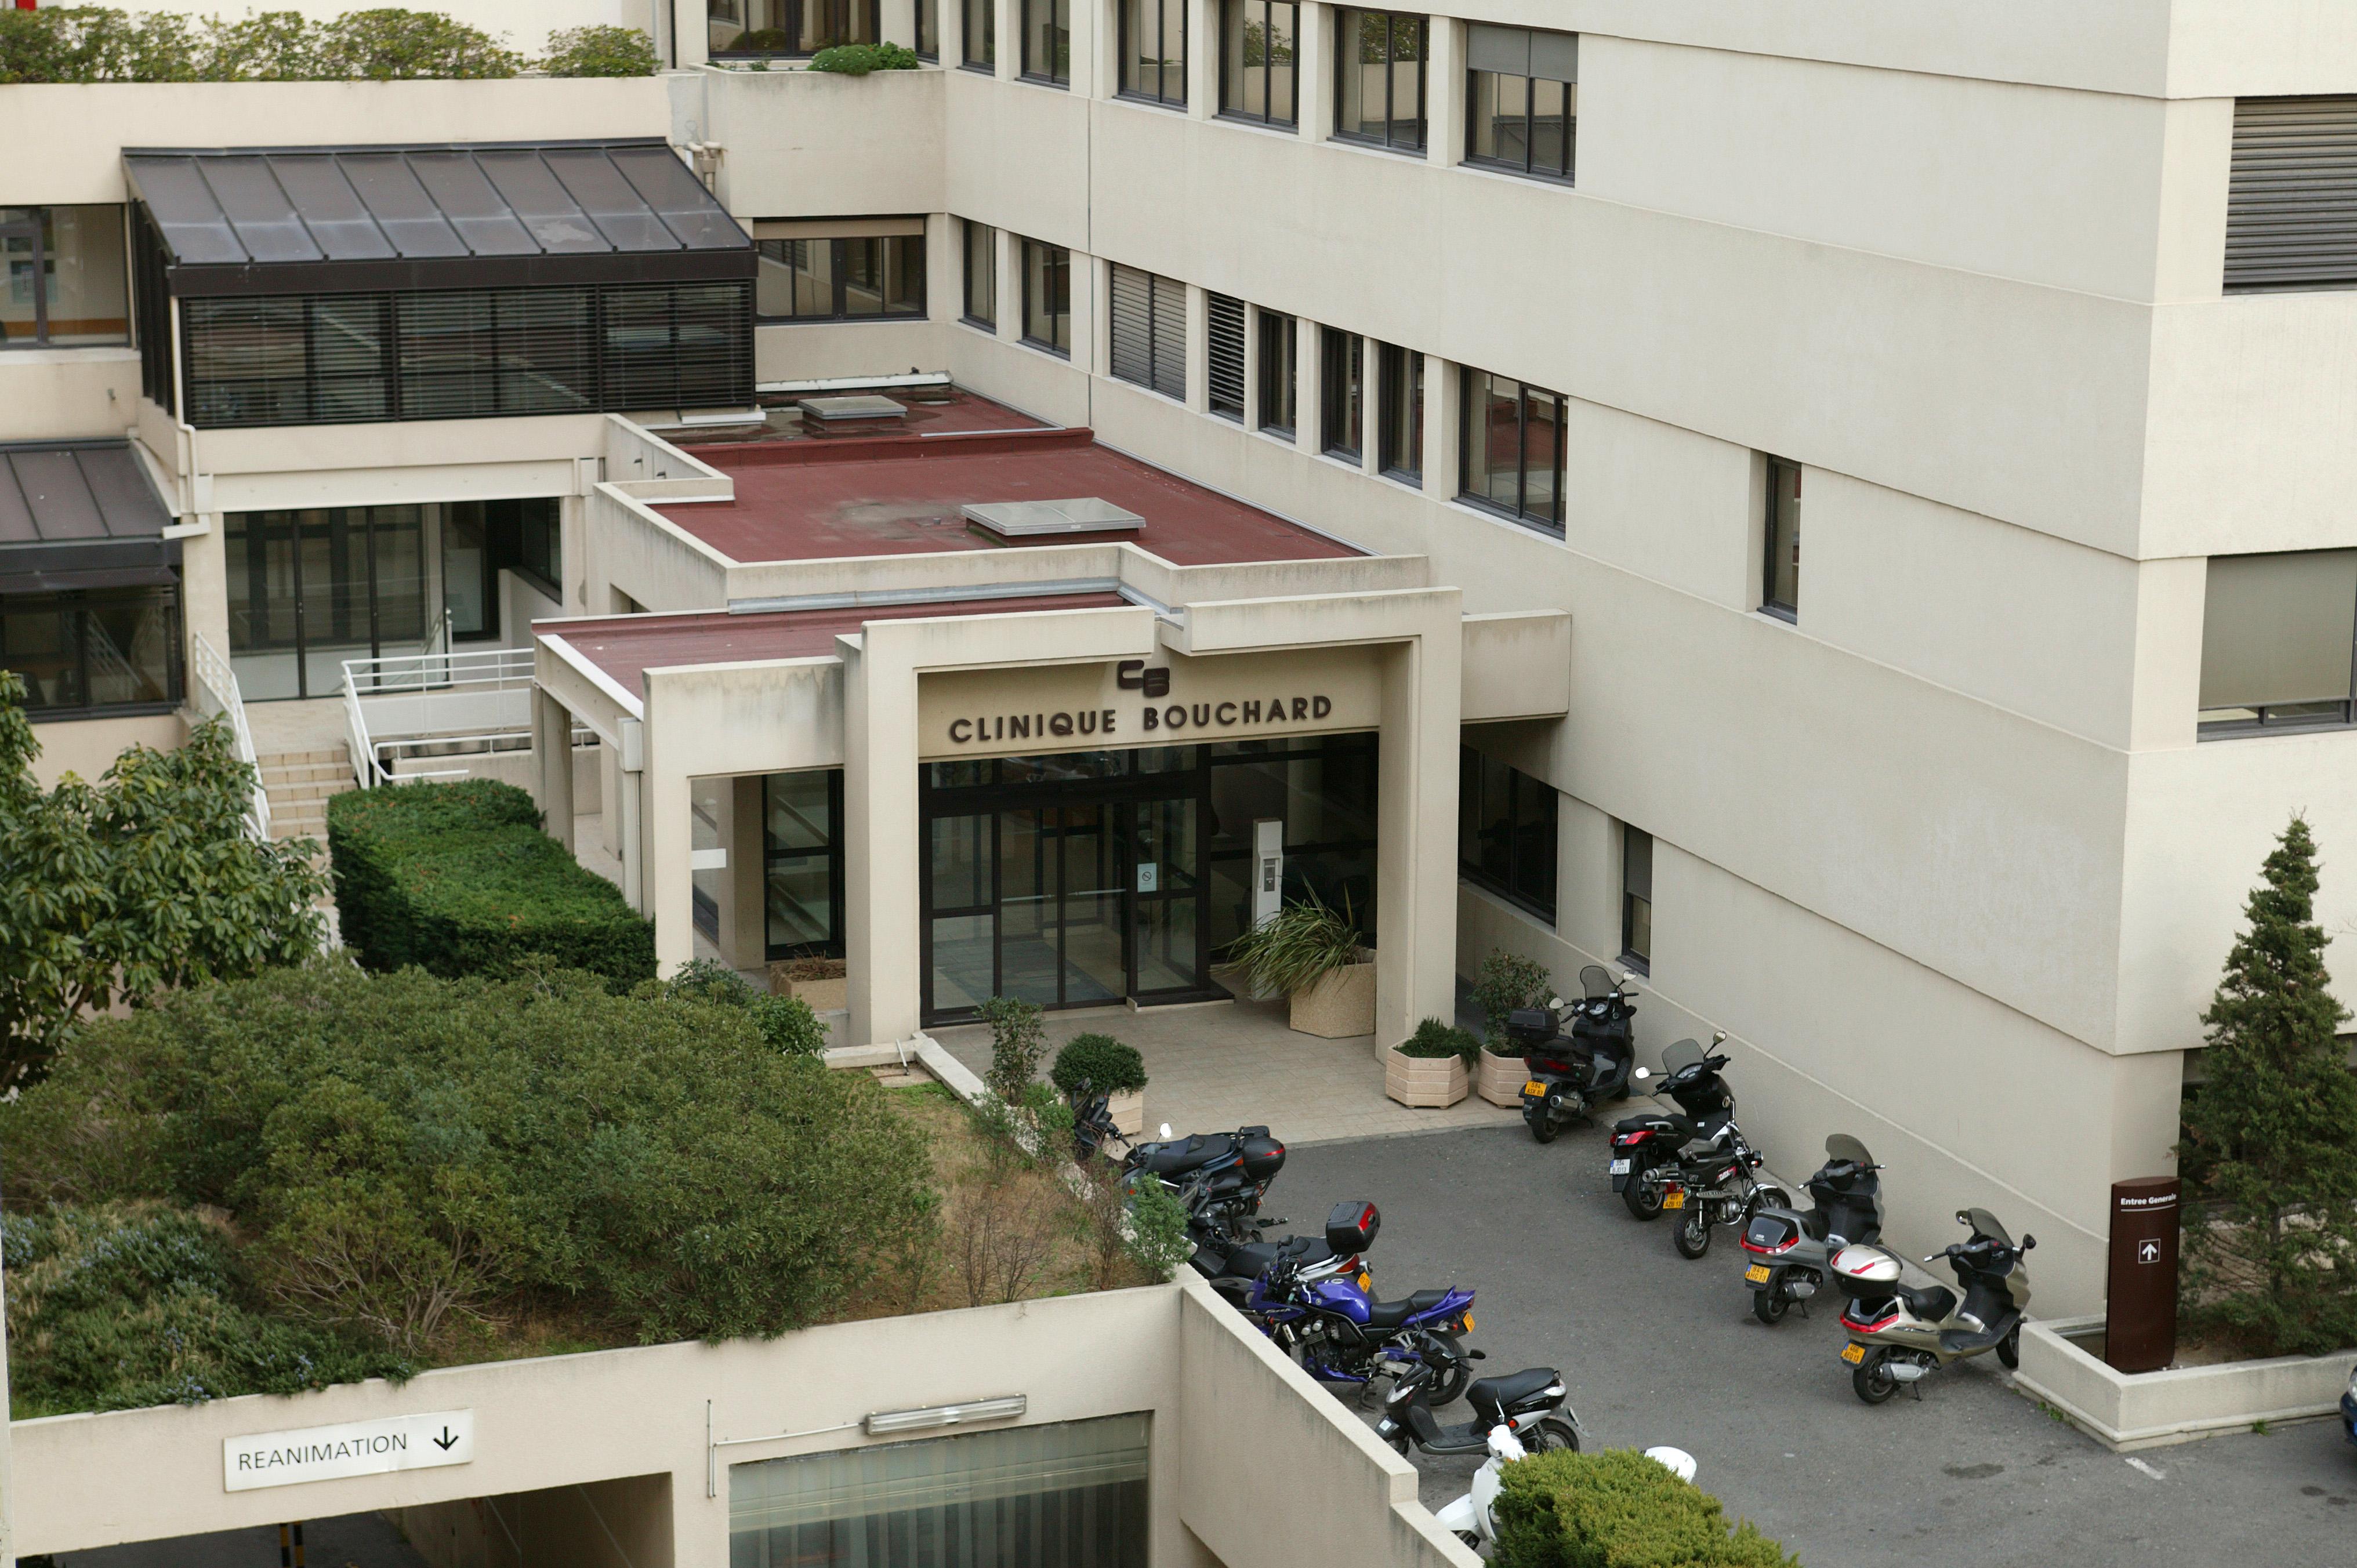 L'extérieur de la Clinique Bouchard.jpg